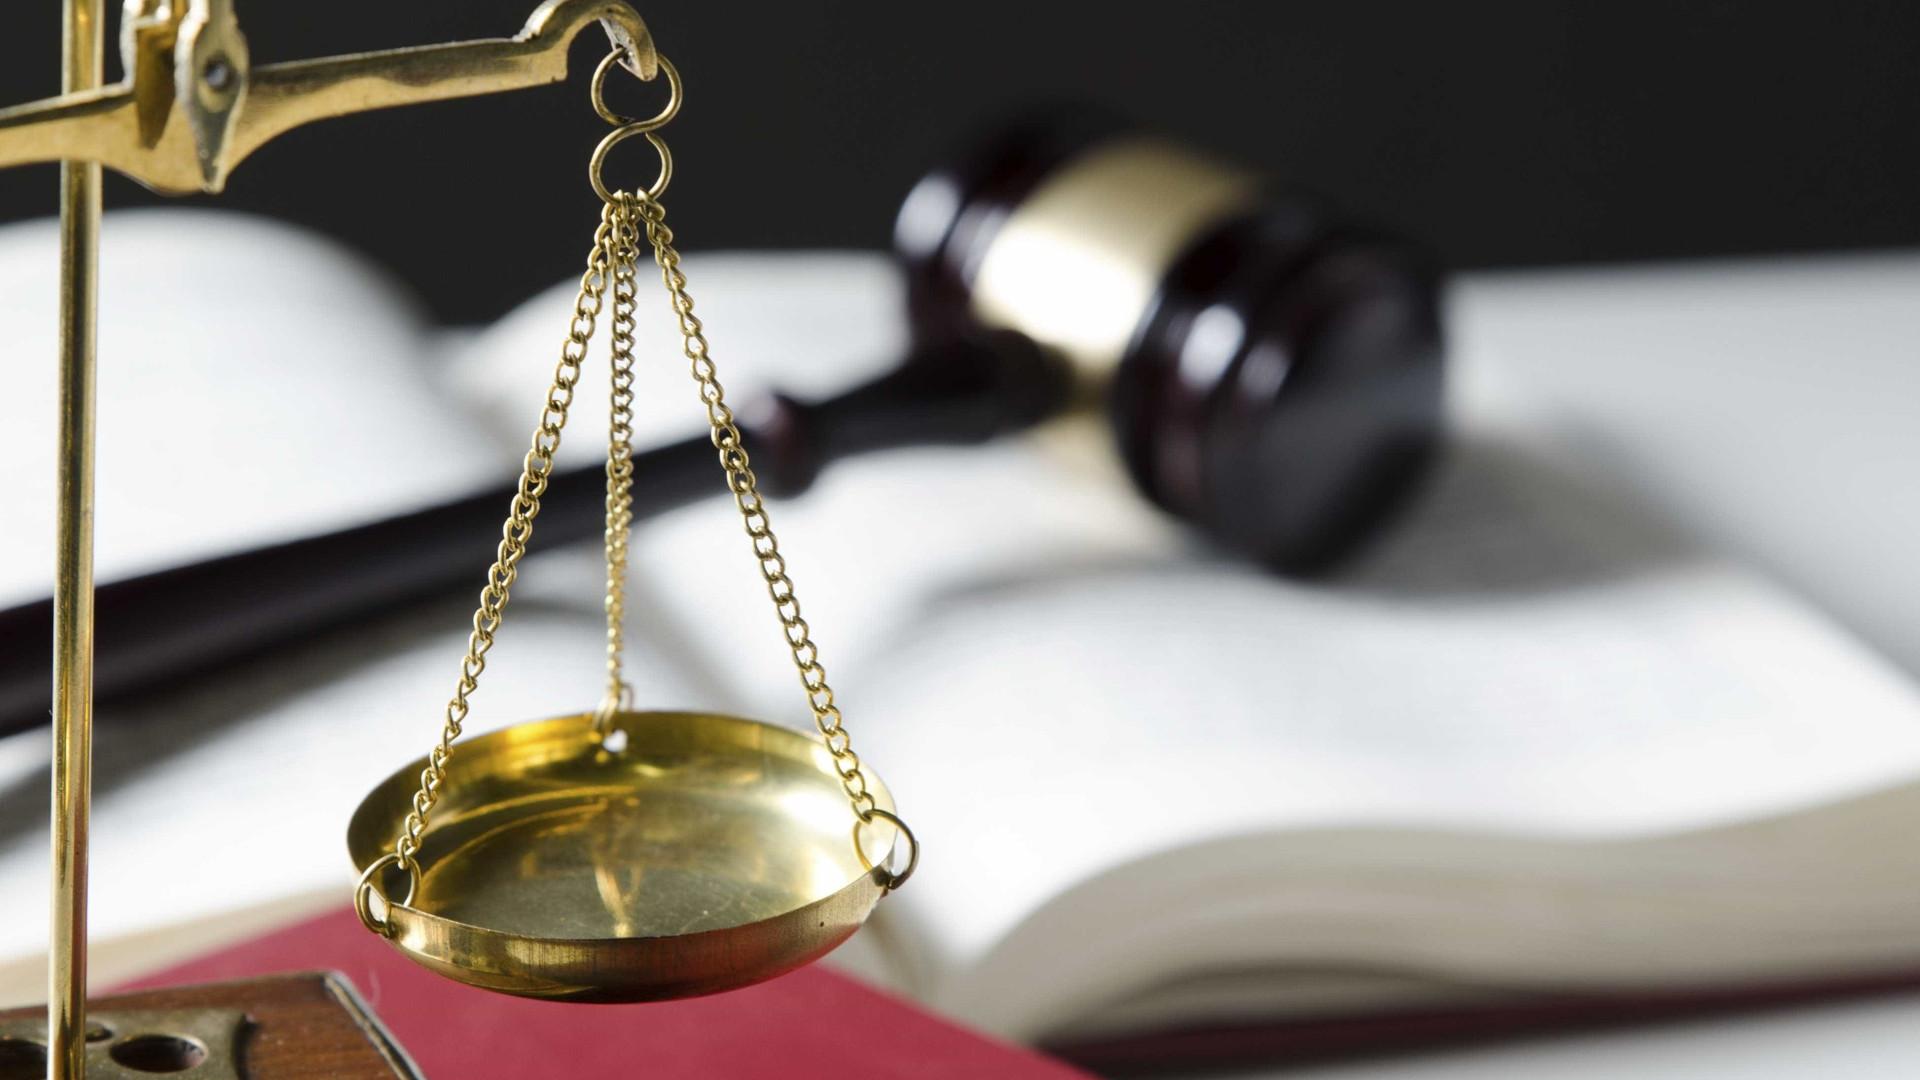 Líder da seita que abusou de menores condenado a 23 anos de prisão